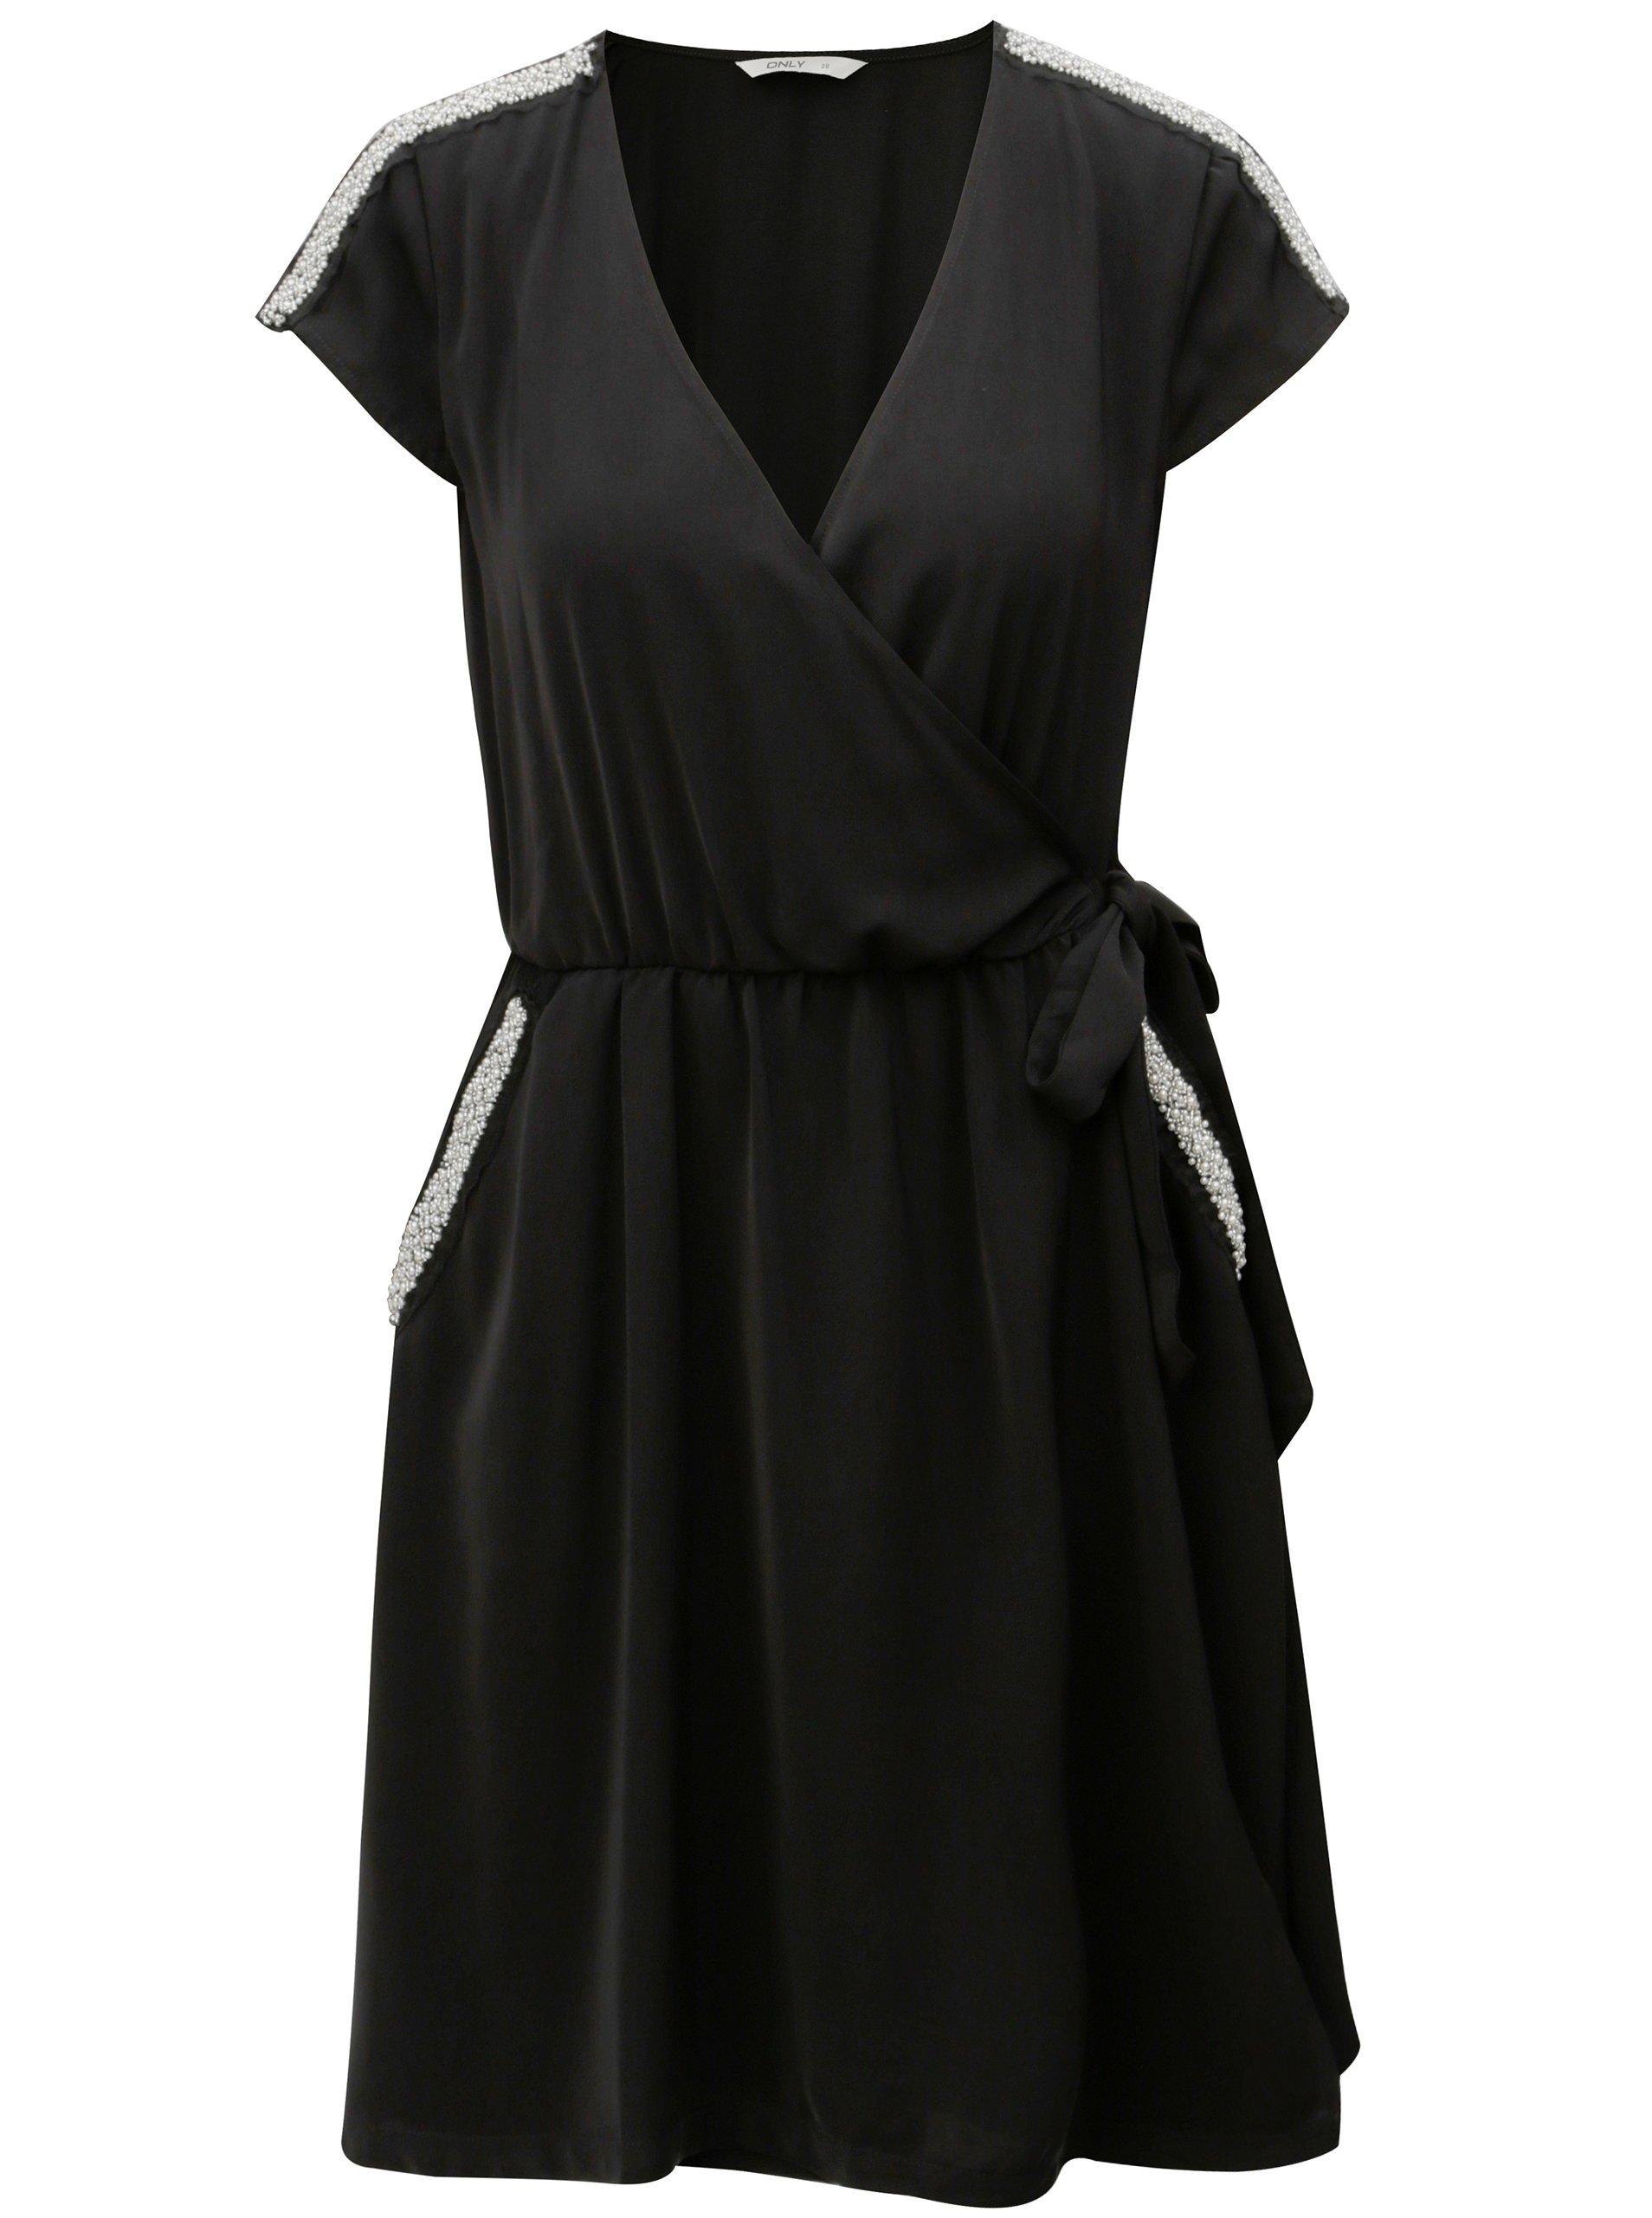 30834075dad3 Černé zavinovací šaty s ozdobnou aplikací ONLY Scarlett